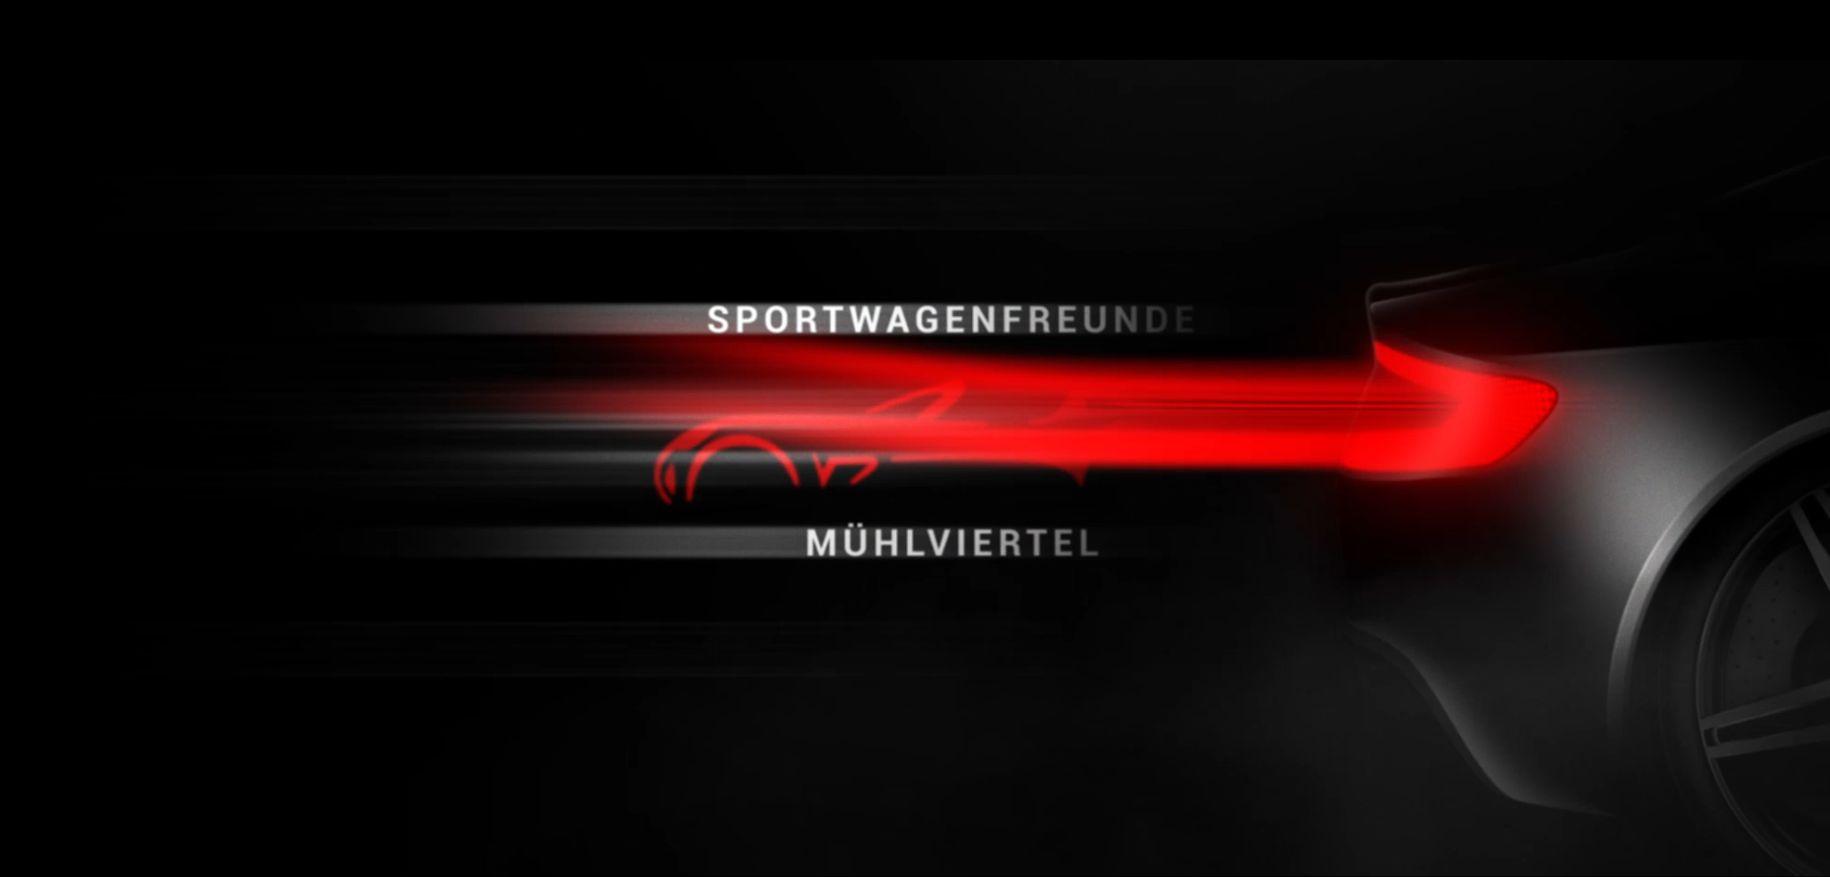 Sportwagenfreunde Mühlviertel